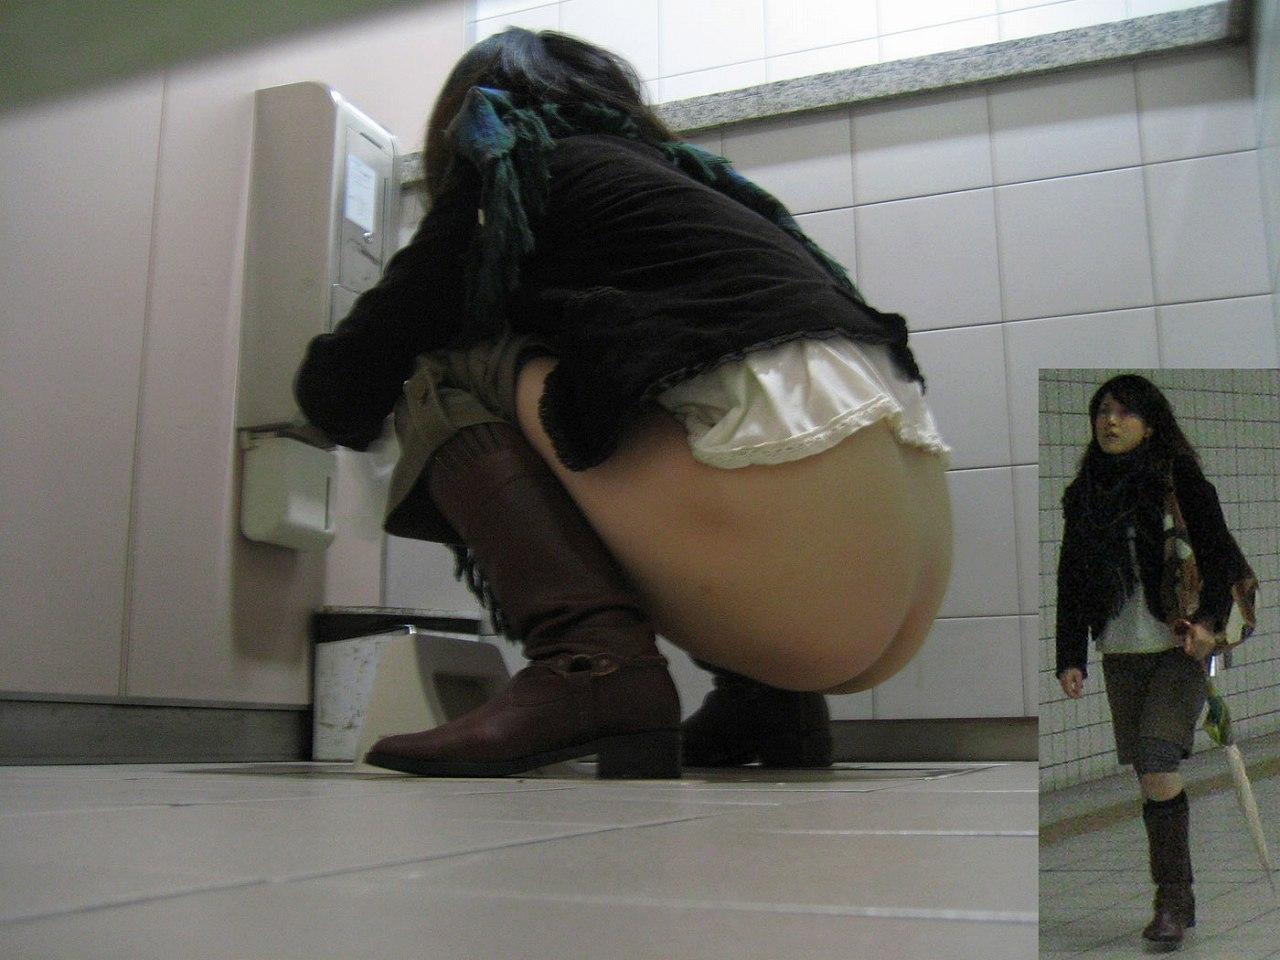 盗撮 トイレ 学校 【トイレ盗撮エロ画像】公衆便所の和式に跨ってオシッコする素人女性を隠しカメラで撮影したエロ画像ww